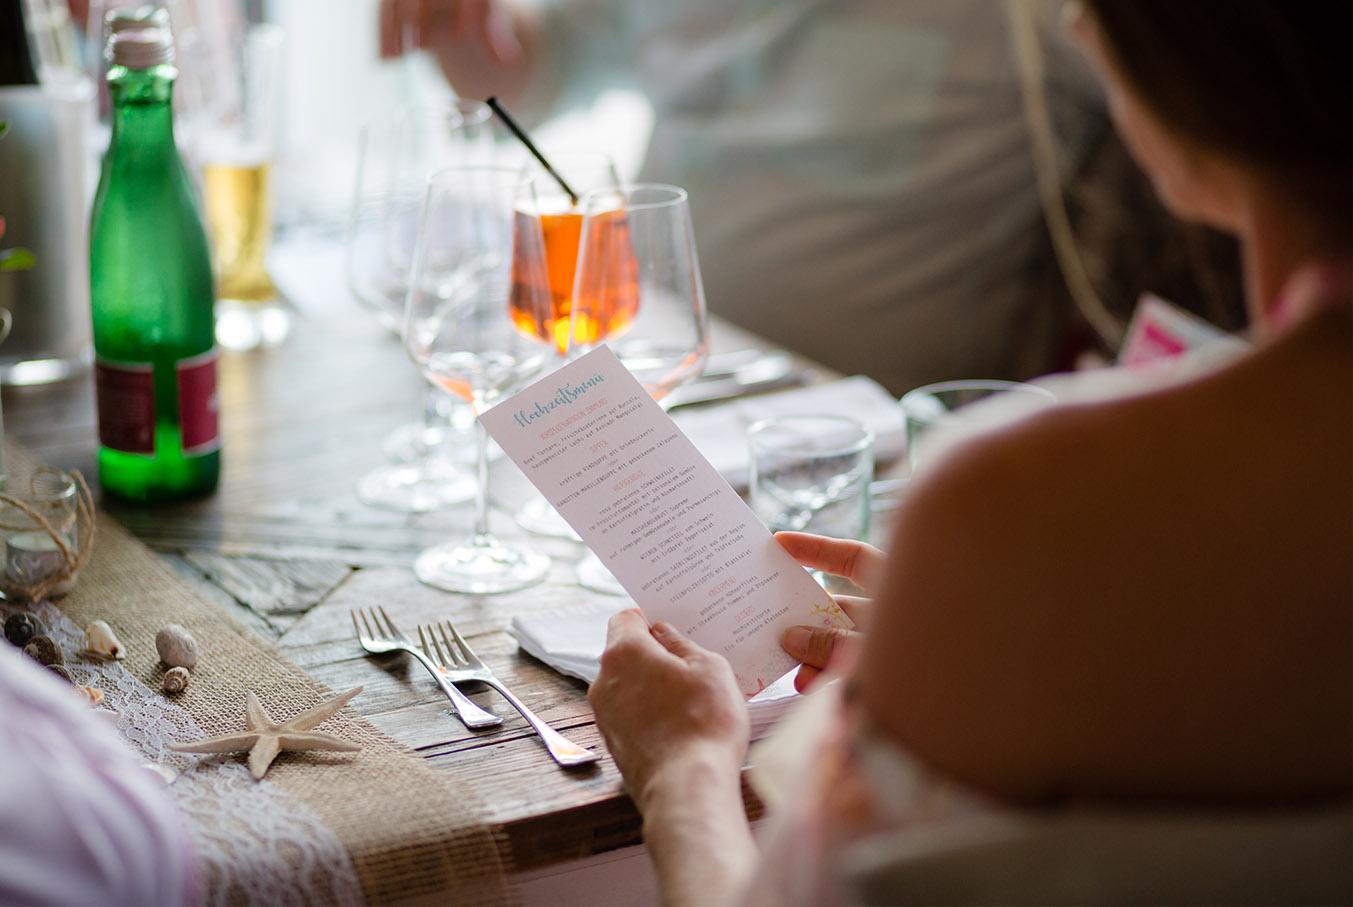 Vienna_Wien_Atzenbrugg_Hochzeit_Paar_Verlobung_Engagement_65